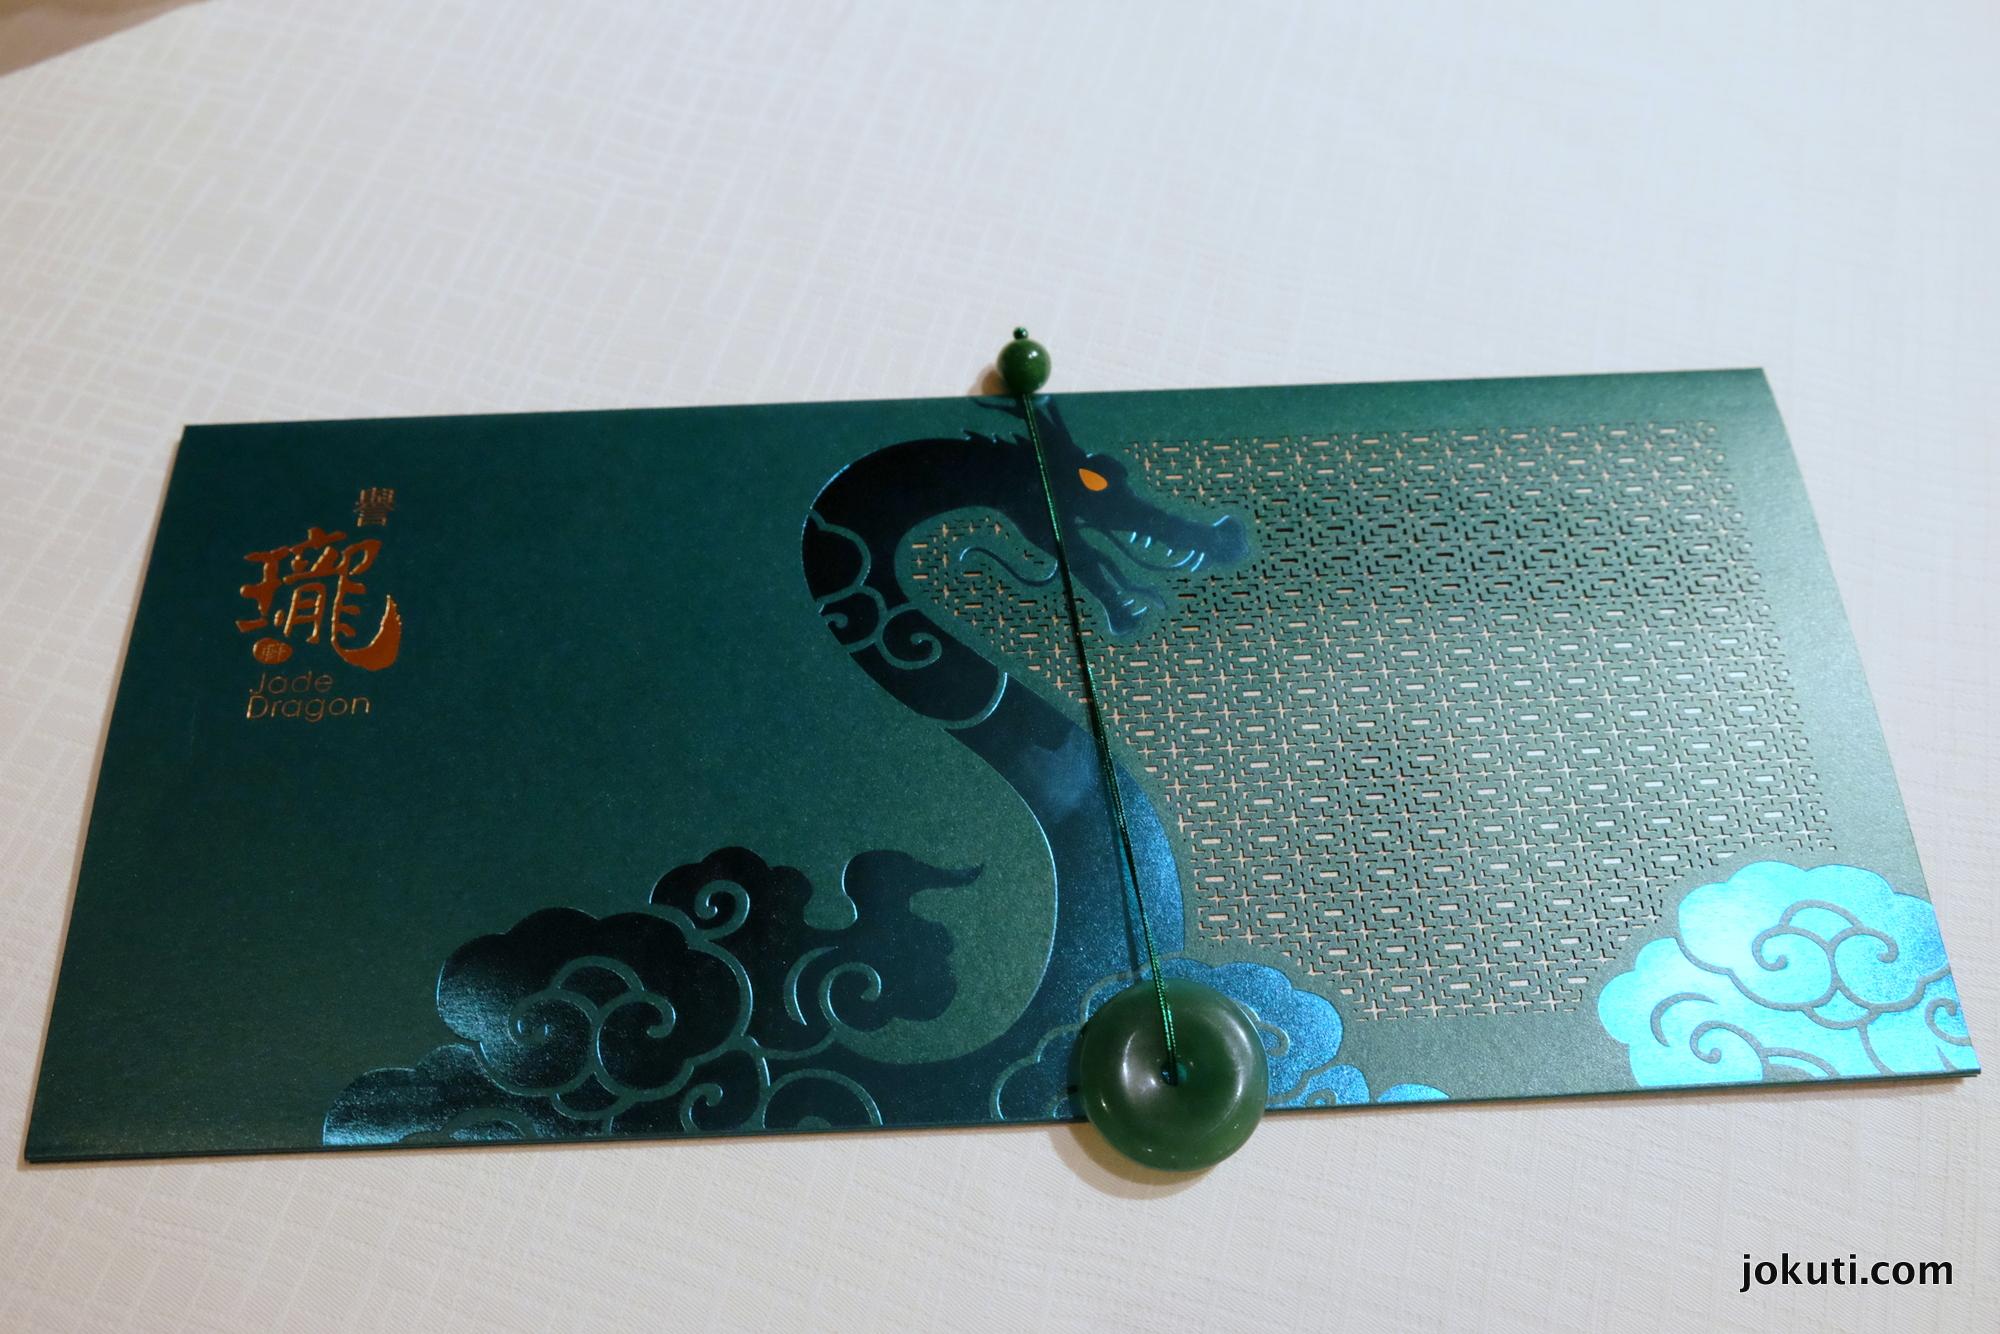 dscf6964_jade_dragon_restaurant_cantonese_chinese_michelin_macau_makao_china_kinai_vilagevo_jokuti.jpg